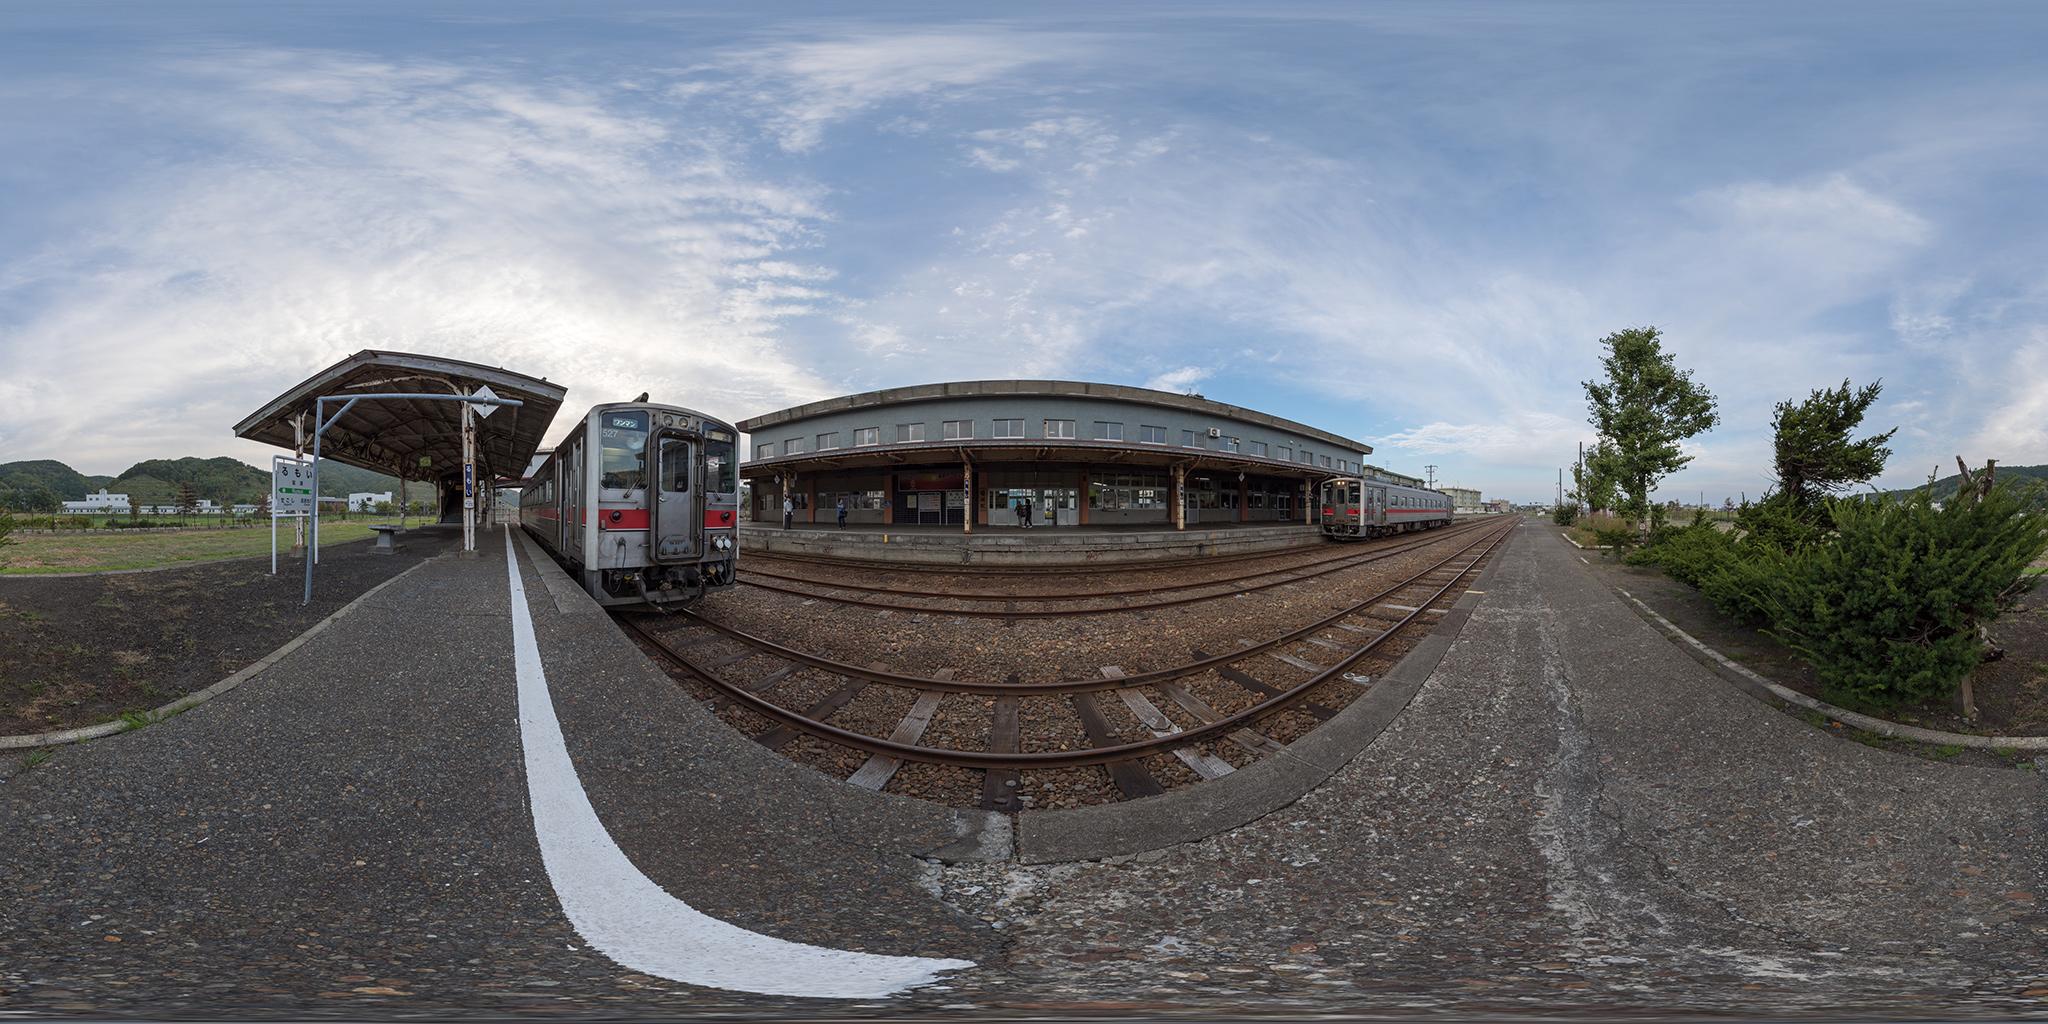 留萌駅で交換するキハ54-527(4921D)とキハ54-506(4922D)